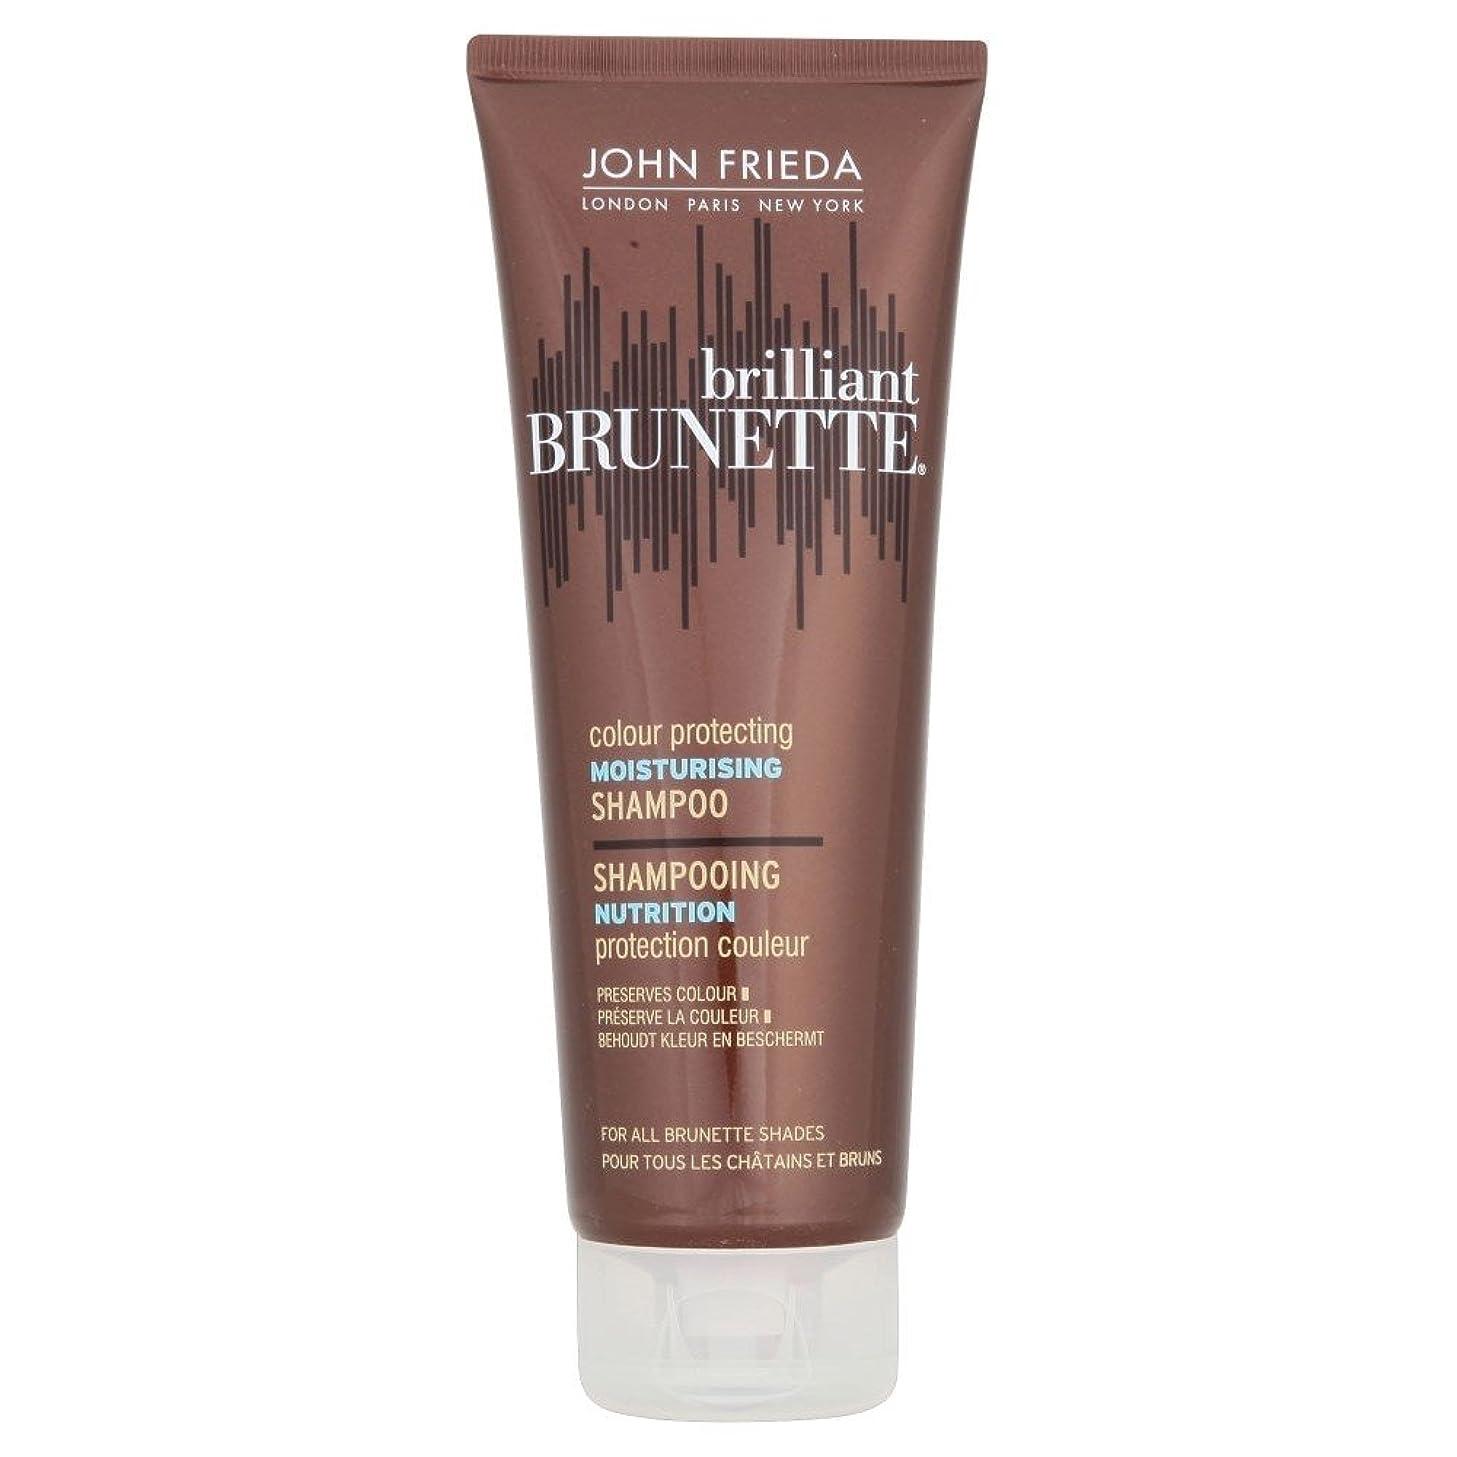 包括的まどろみのあるダウンJohn Frieda Brilliant Brunette Moisturising Shampoo - for All Brunettes (250ml) ジョン?フリーダ鮮やかなブルネットの保湿シャンプー - すべての黒髪用( 250ミリリットル) [並行輸入品]